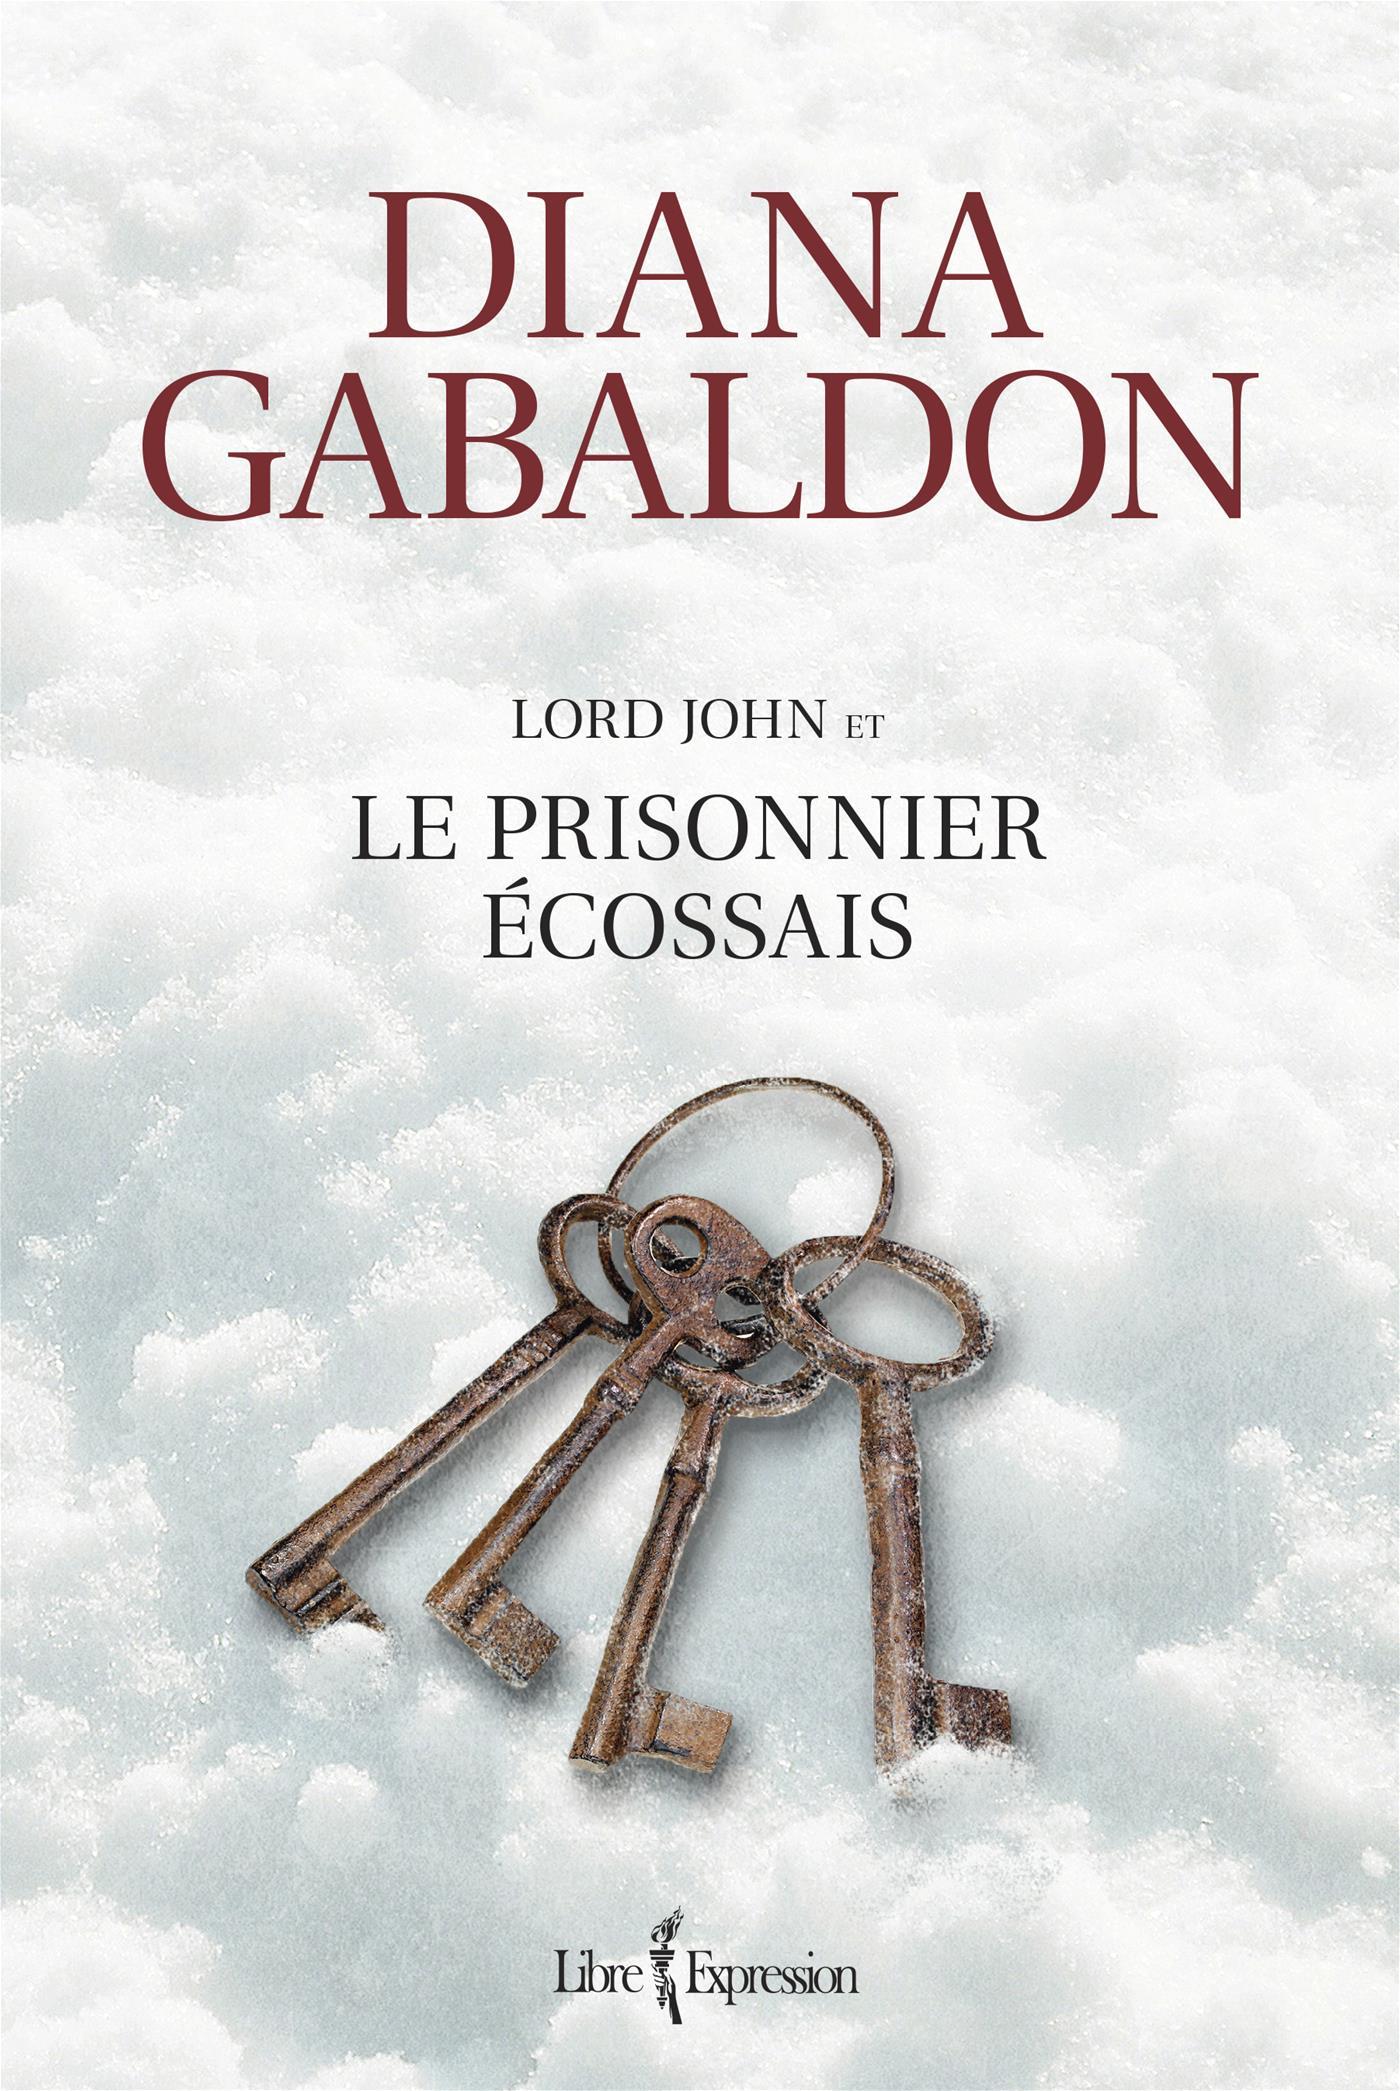 Lord John et le Prisonnier écossais